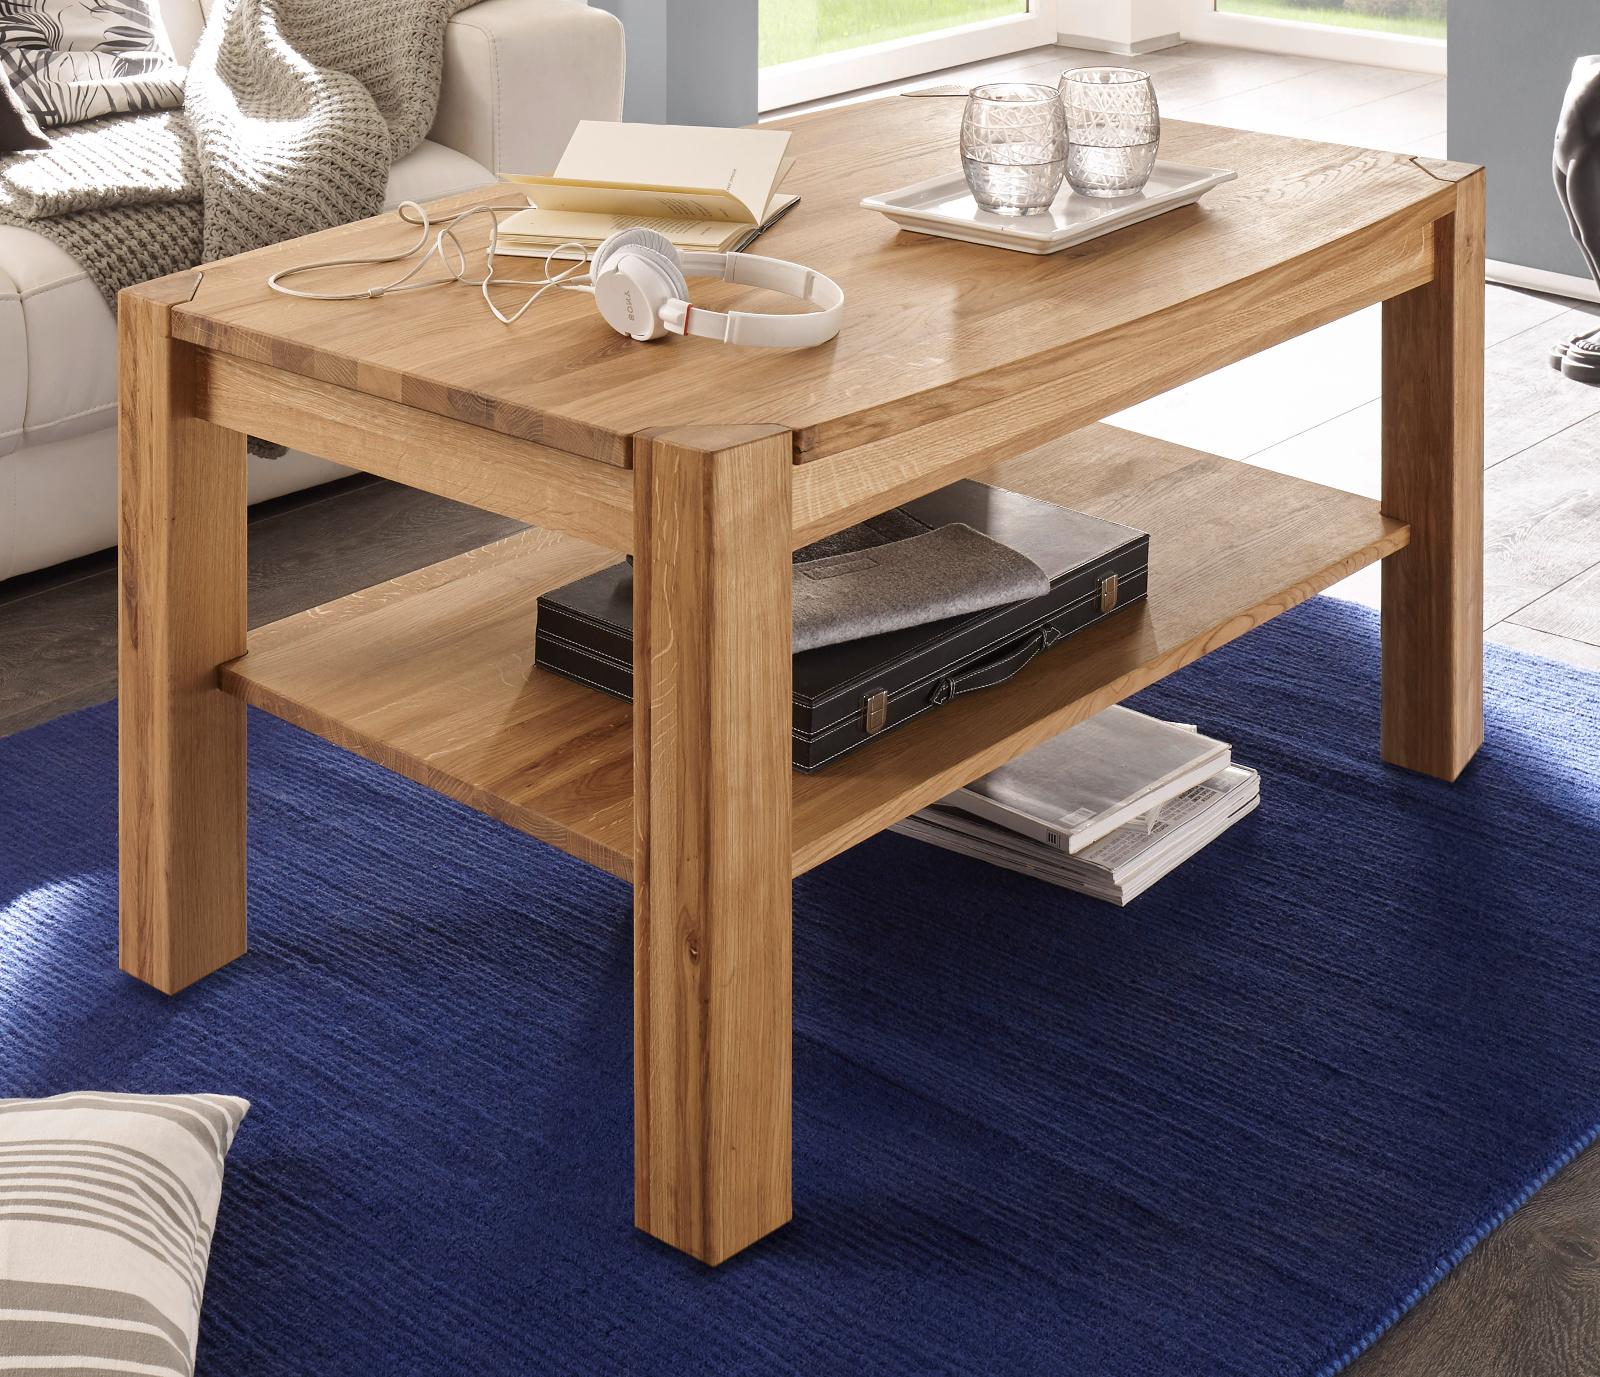 stuhl st hle 2 x schwinger mit armlehnen leder victoreno2. Black Bedroom Furniture Sets. Home Design Ideas